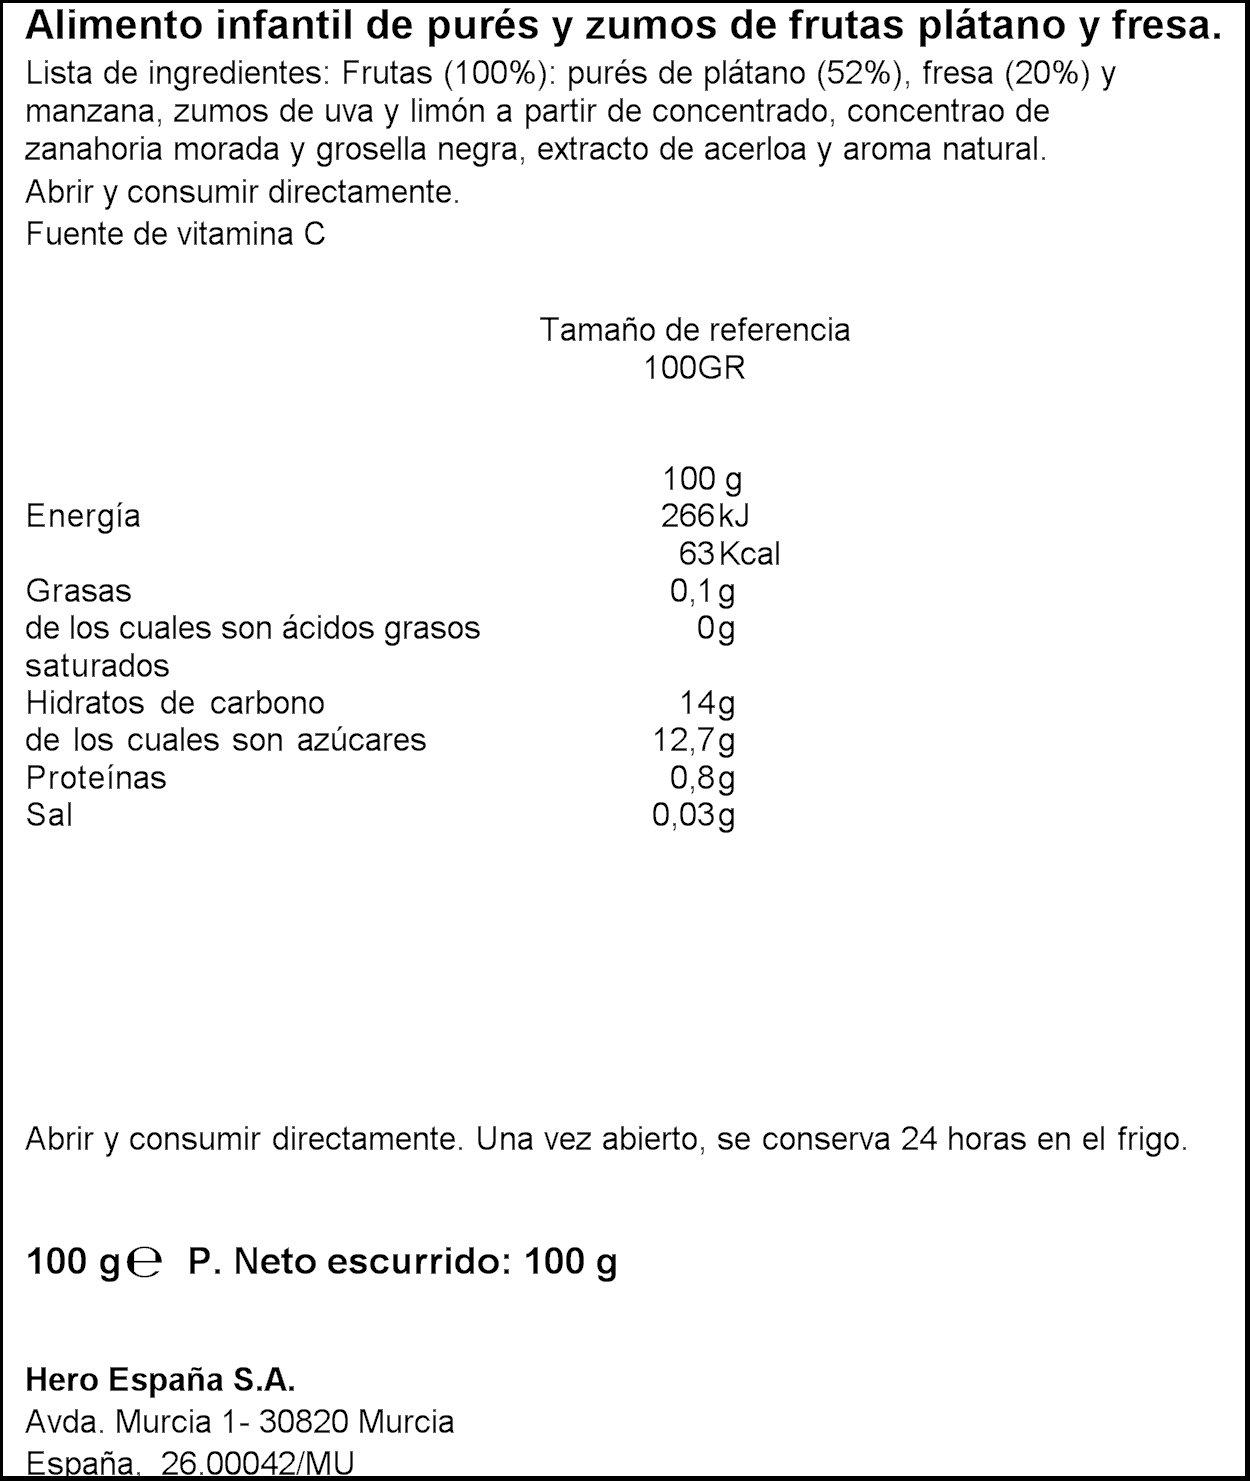 Hero - Bolsita De Fruta Nanos 100 g Plátano Fresa: Amazon.es: Alimentación y bebidas